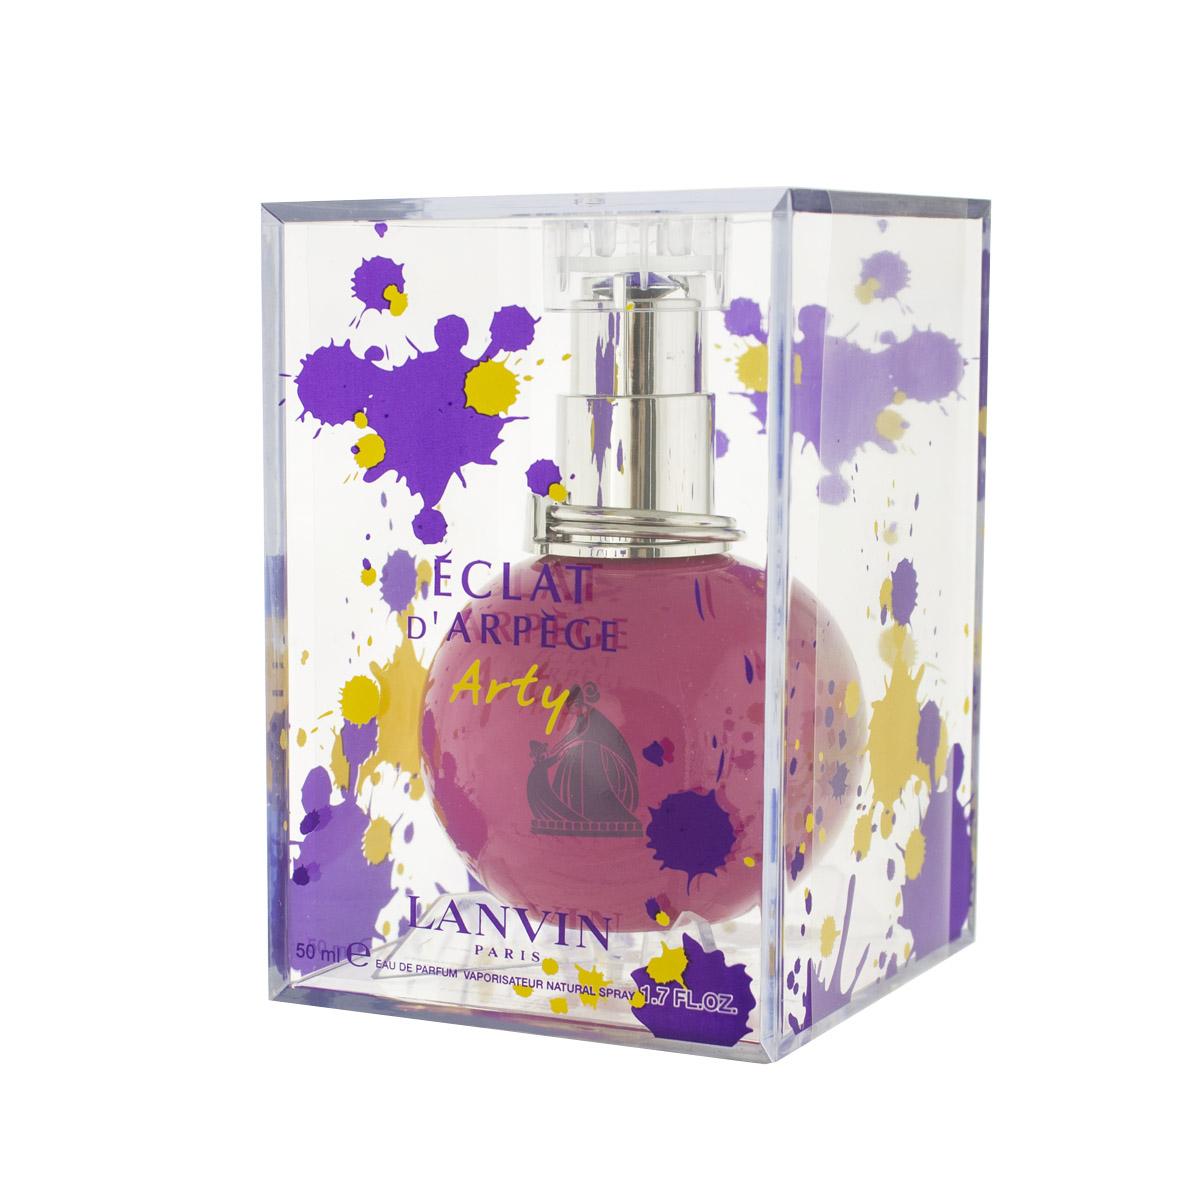 Lanvin Paris Éclat d'Arpège Arty EDP 50 ml W